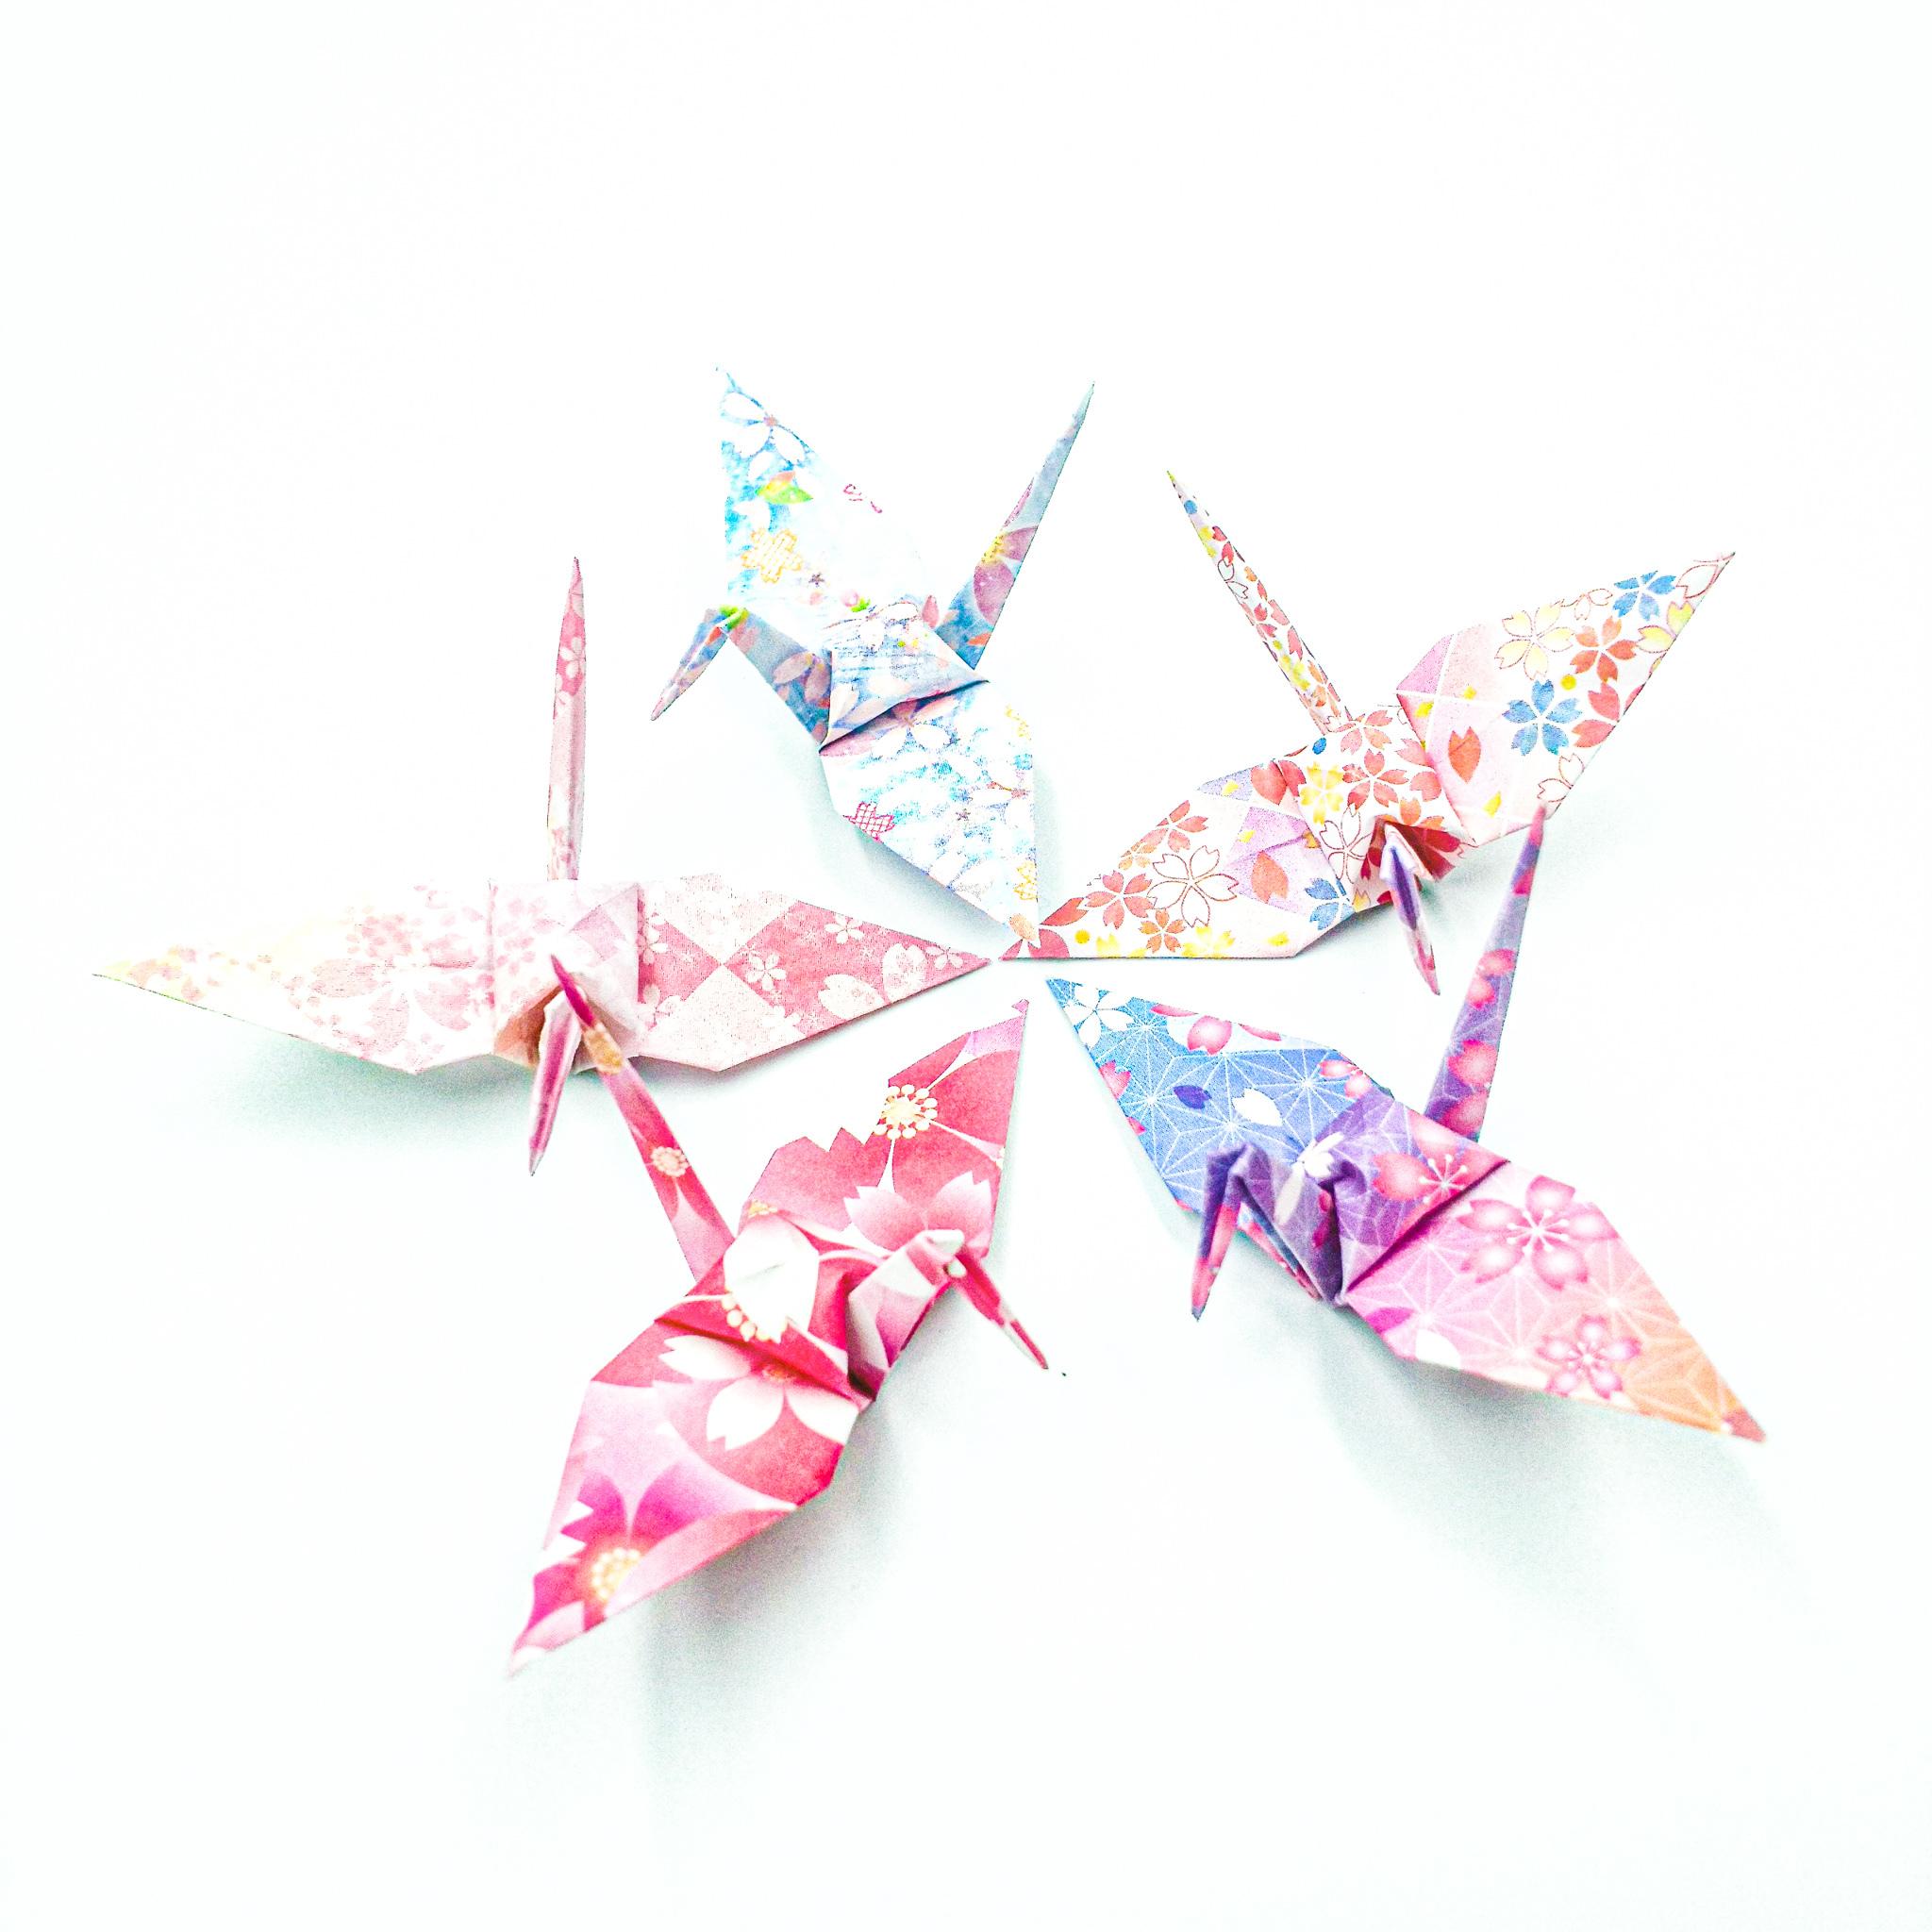 色めく恋桜の折り鶴 (神前式、和装婚折り鶴シャワー演出・和風撮影小物) 130羽入り